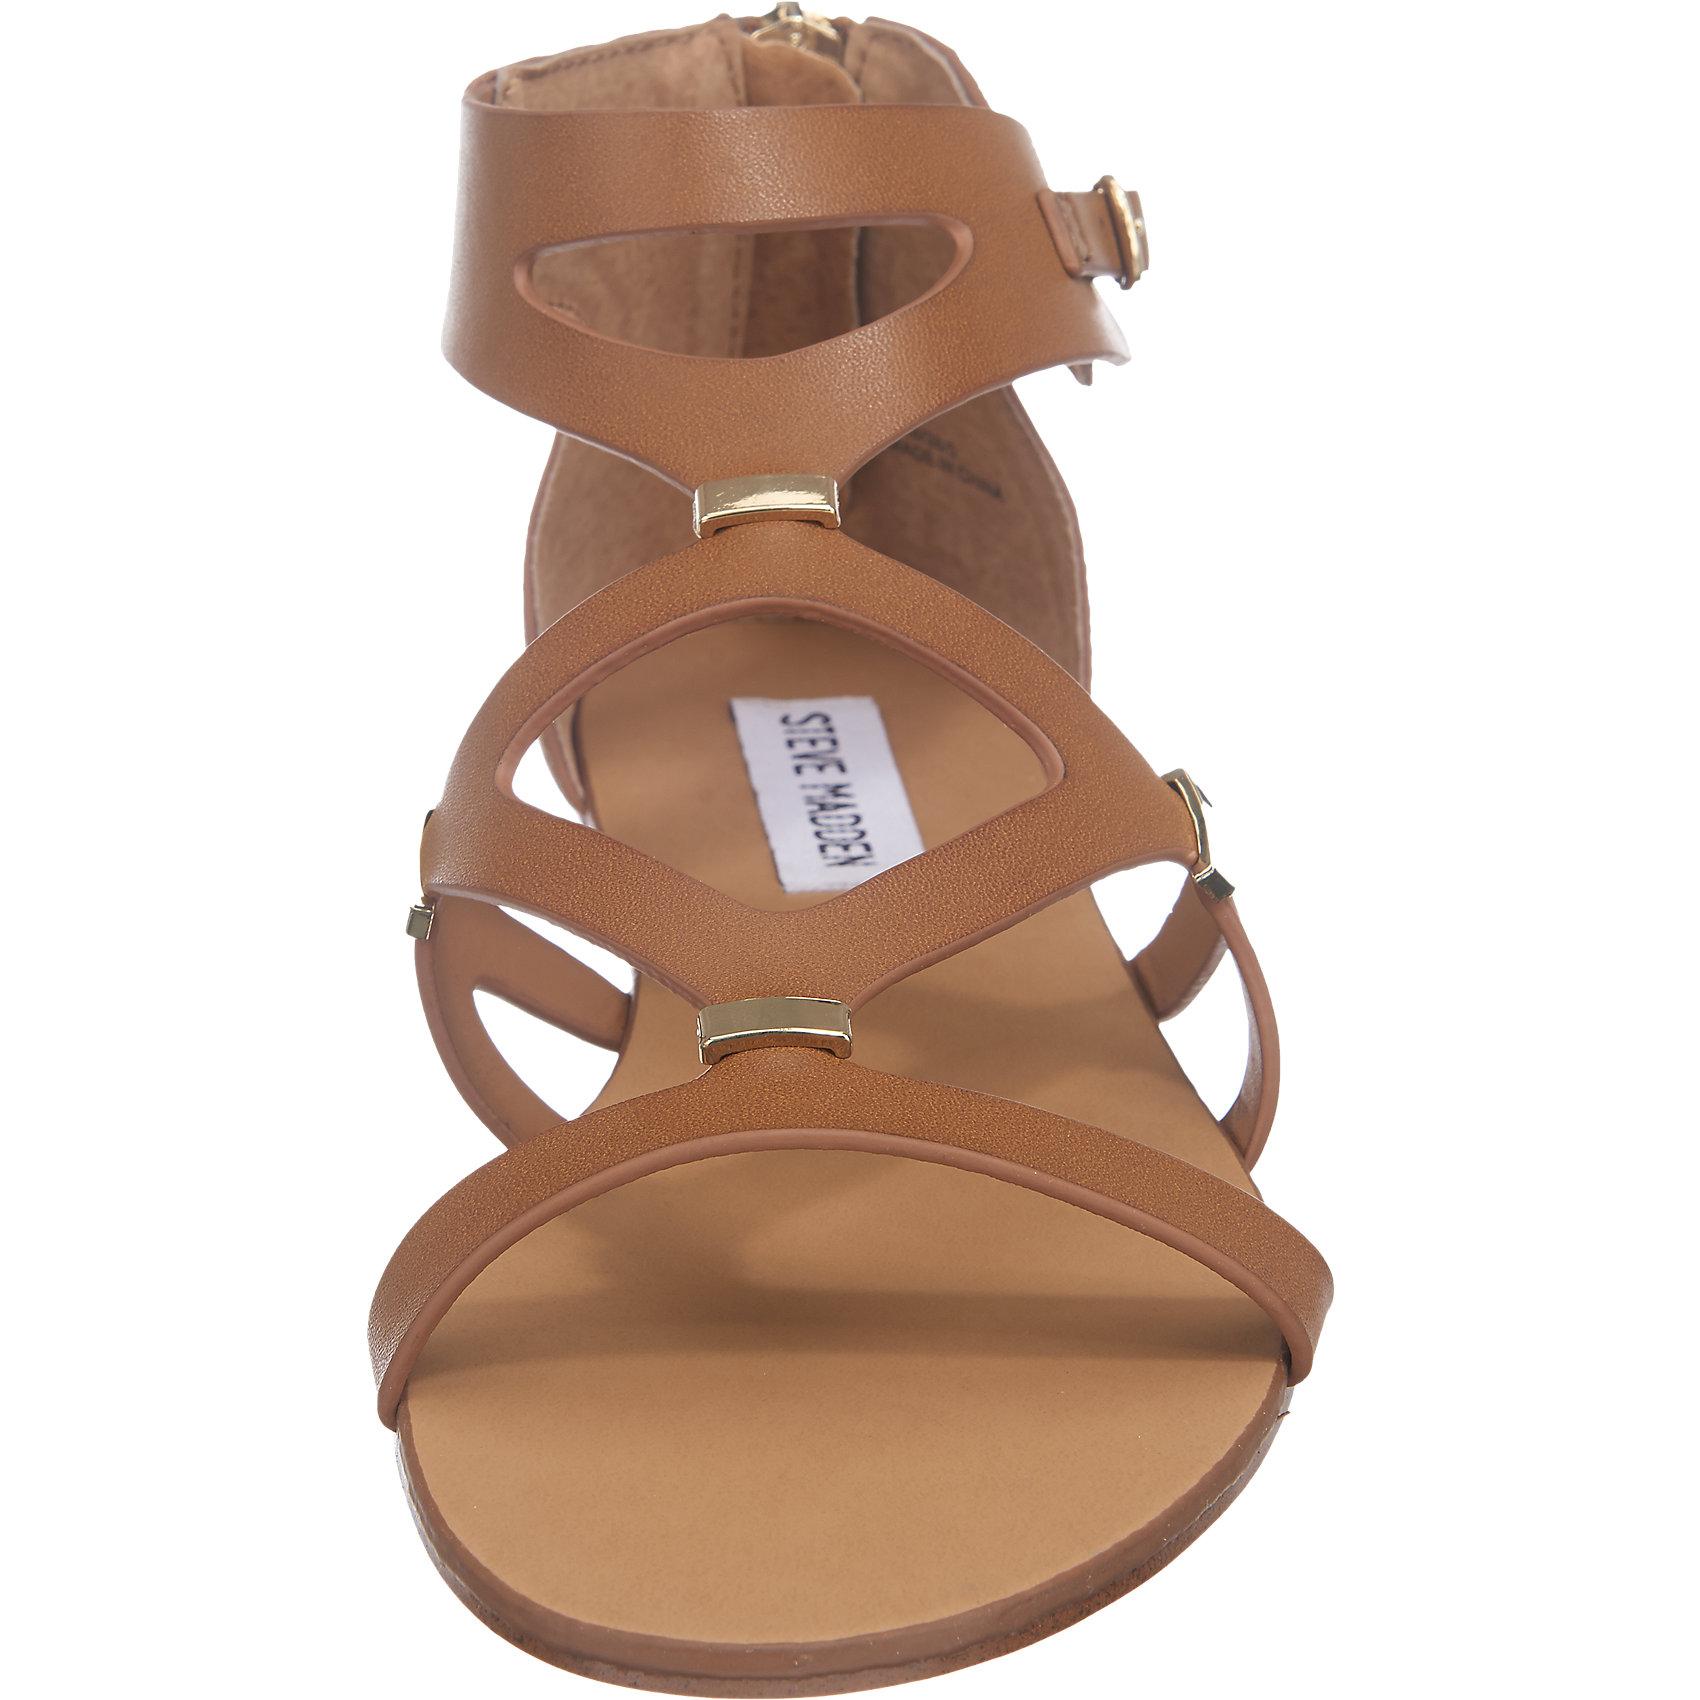 Neu Steve Madden Comma Sandaletten 5745221 für Damen cognac